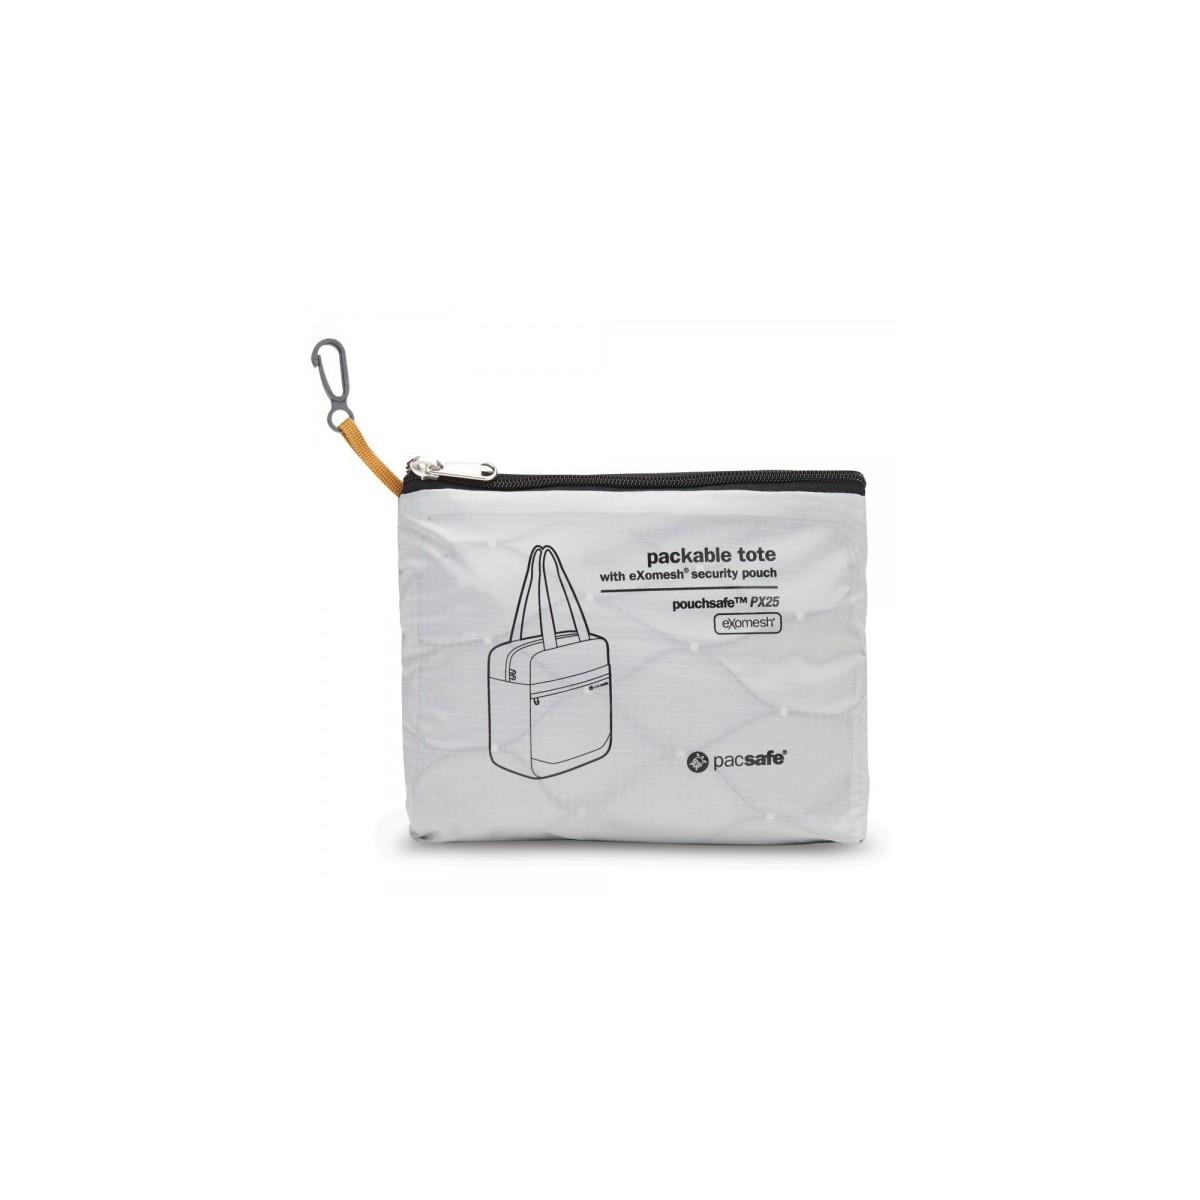 กระเป๋าสะพายแบบพกพา Pouchsafe™ PX25 anti-theft packable tote